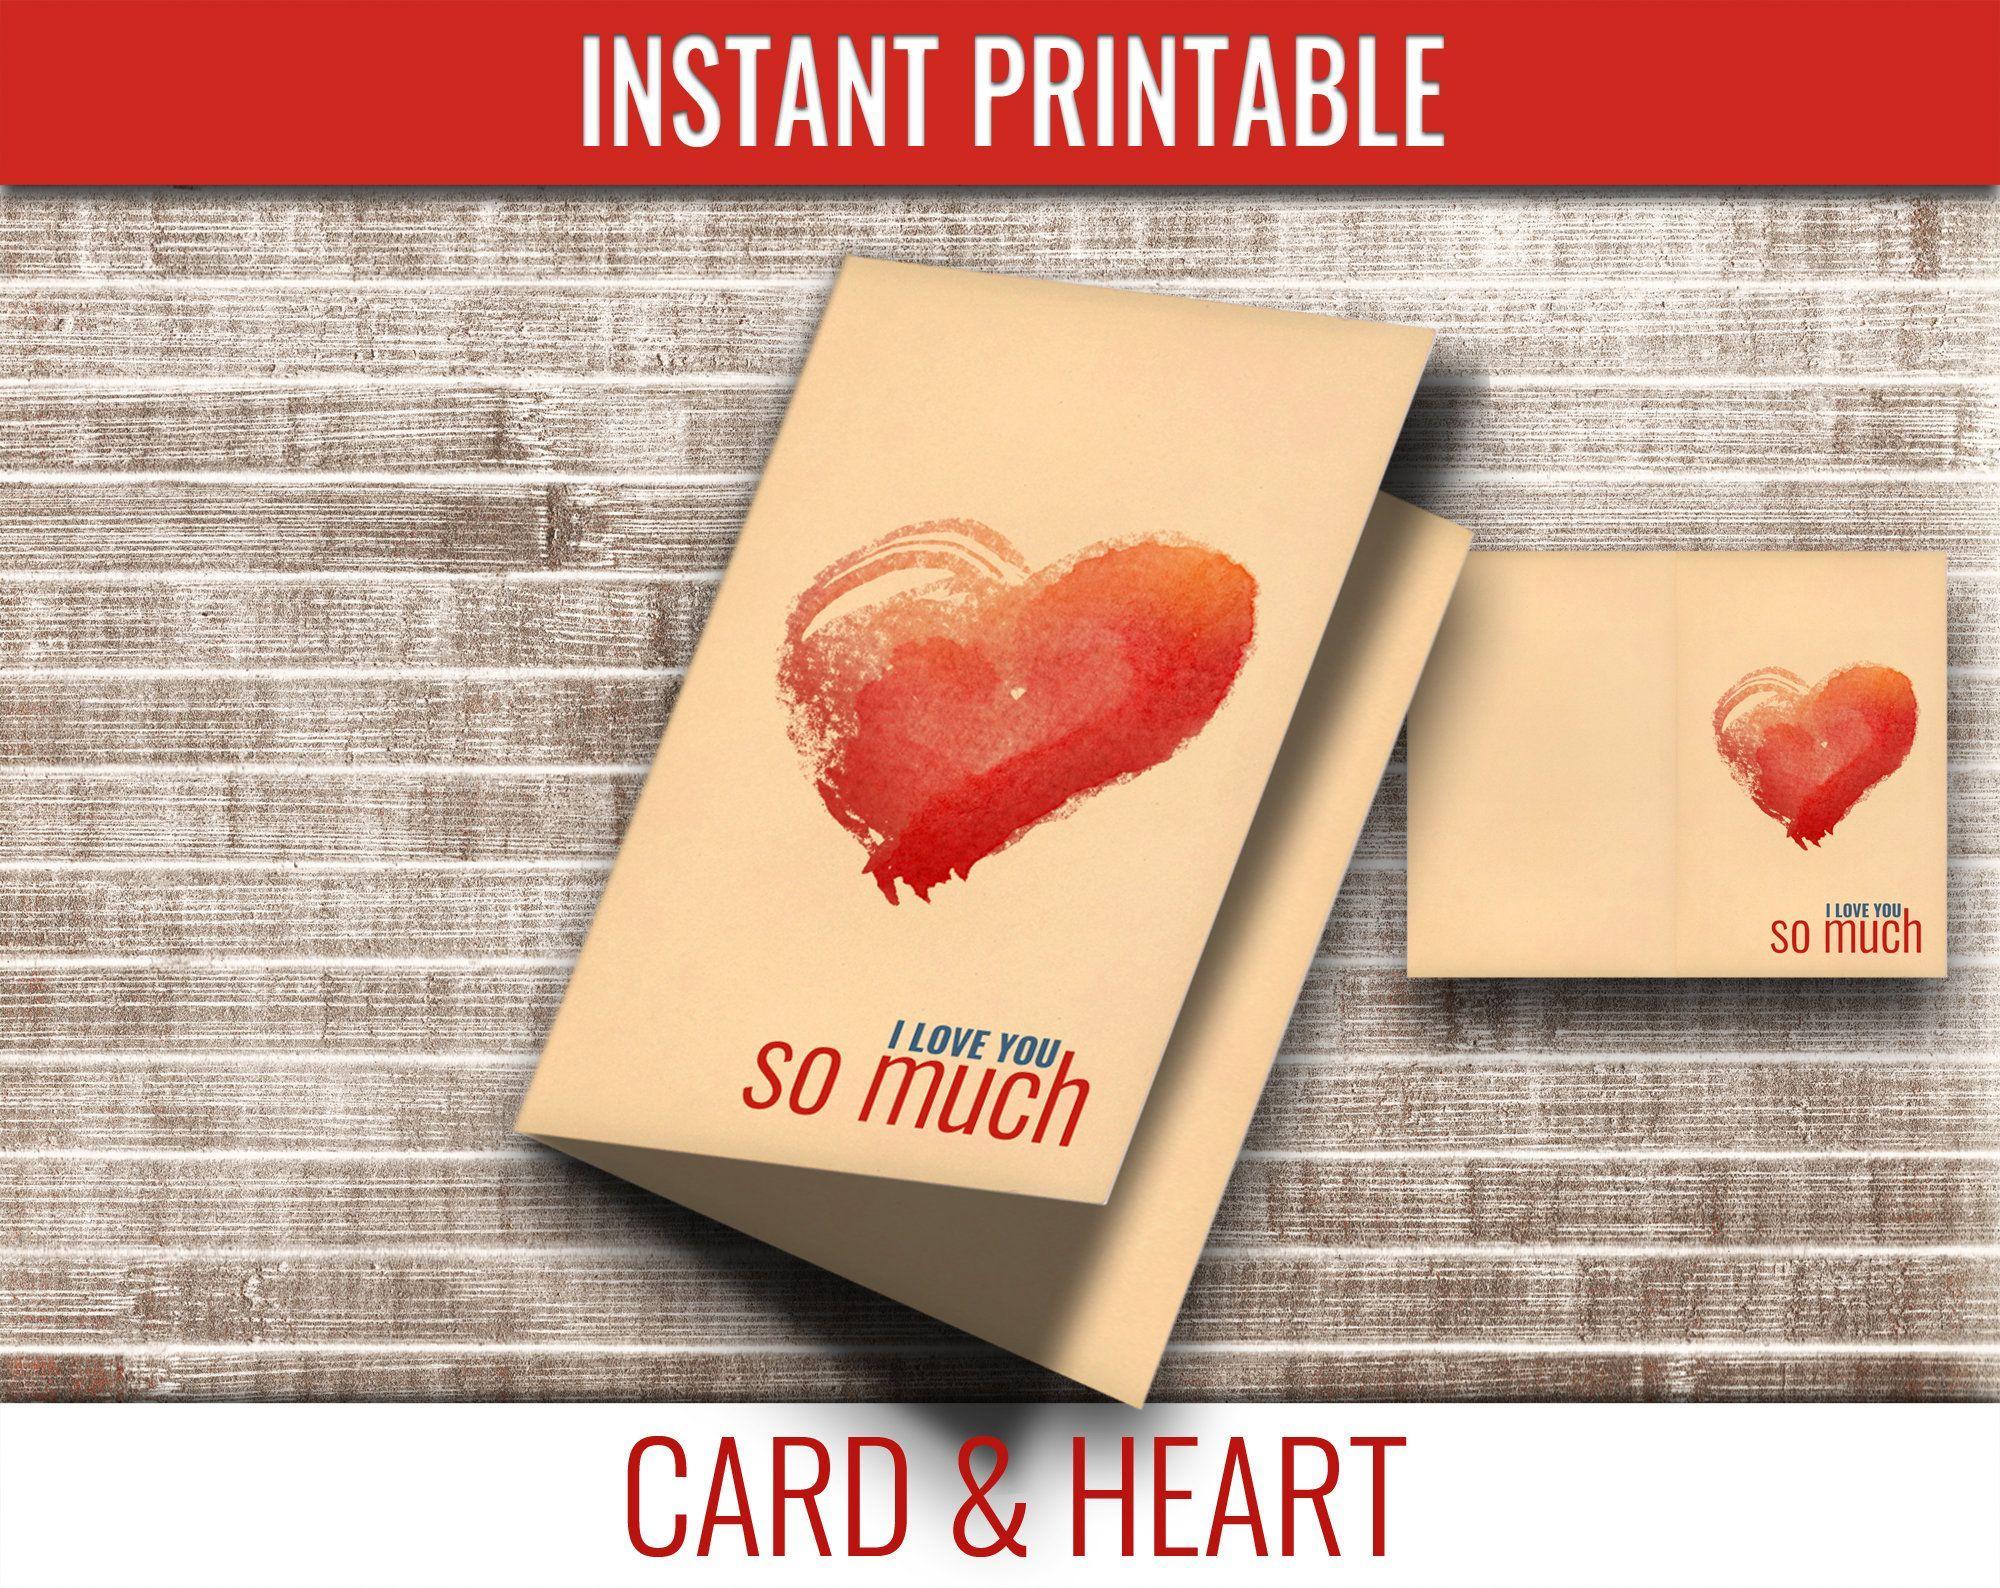 Valentinstag Druckbare Svg Valentinstag Zum Ausdrucken Valentinstag Cliparts Herz In 2020 Printable Valentines Cards Valentines Day Clipart Valentines Printables